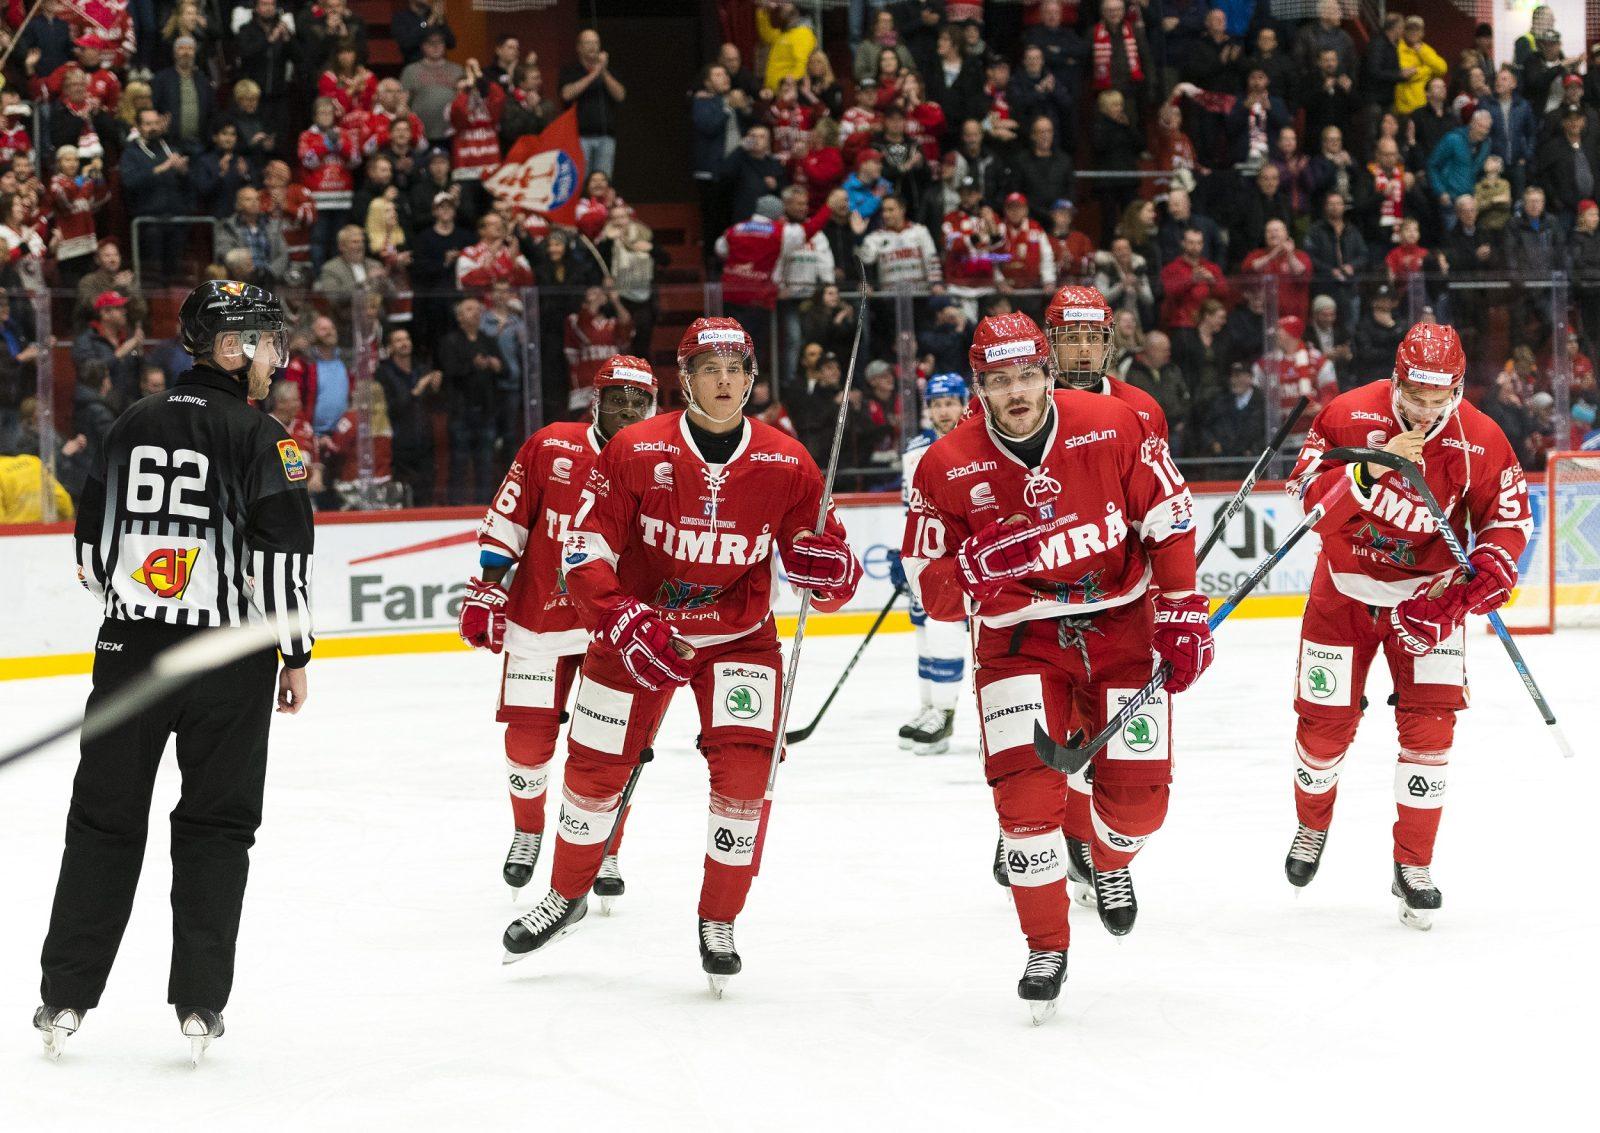 Johan Persson tillbaka till kvällens match